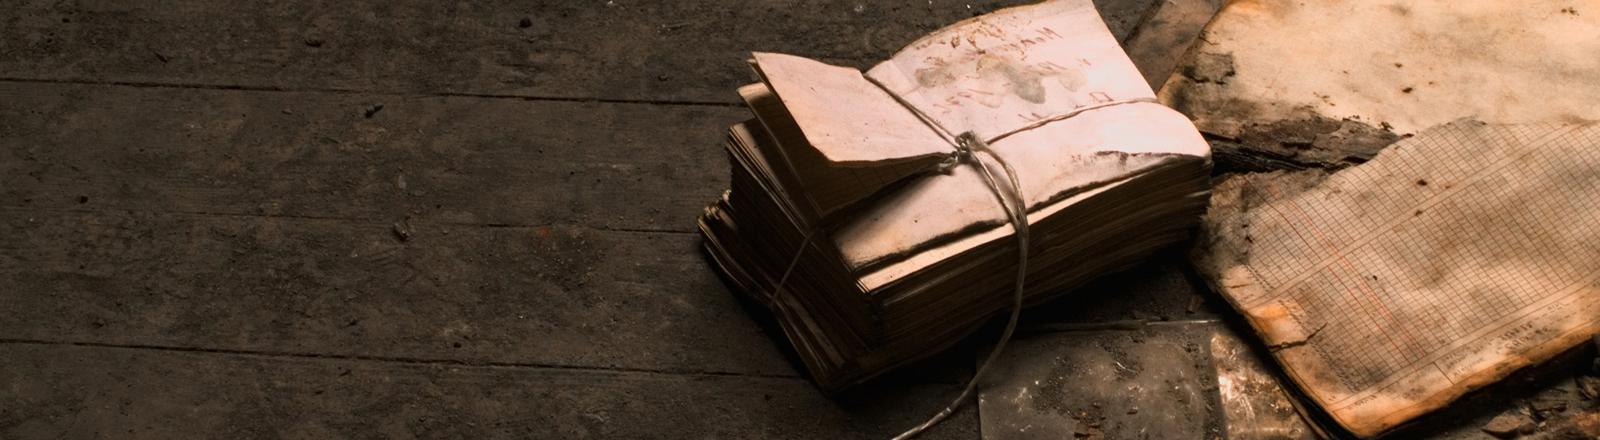 Staub und alte Papiere